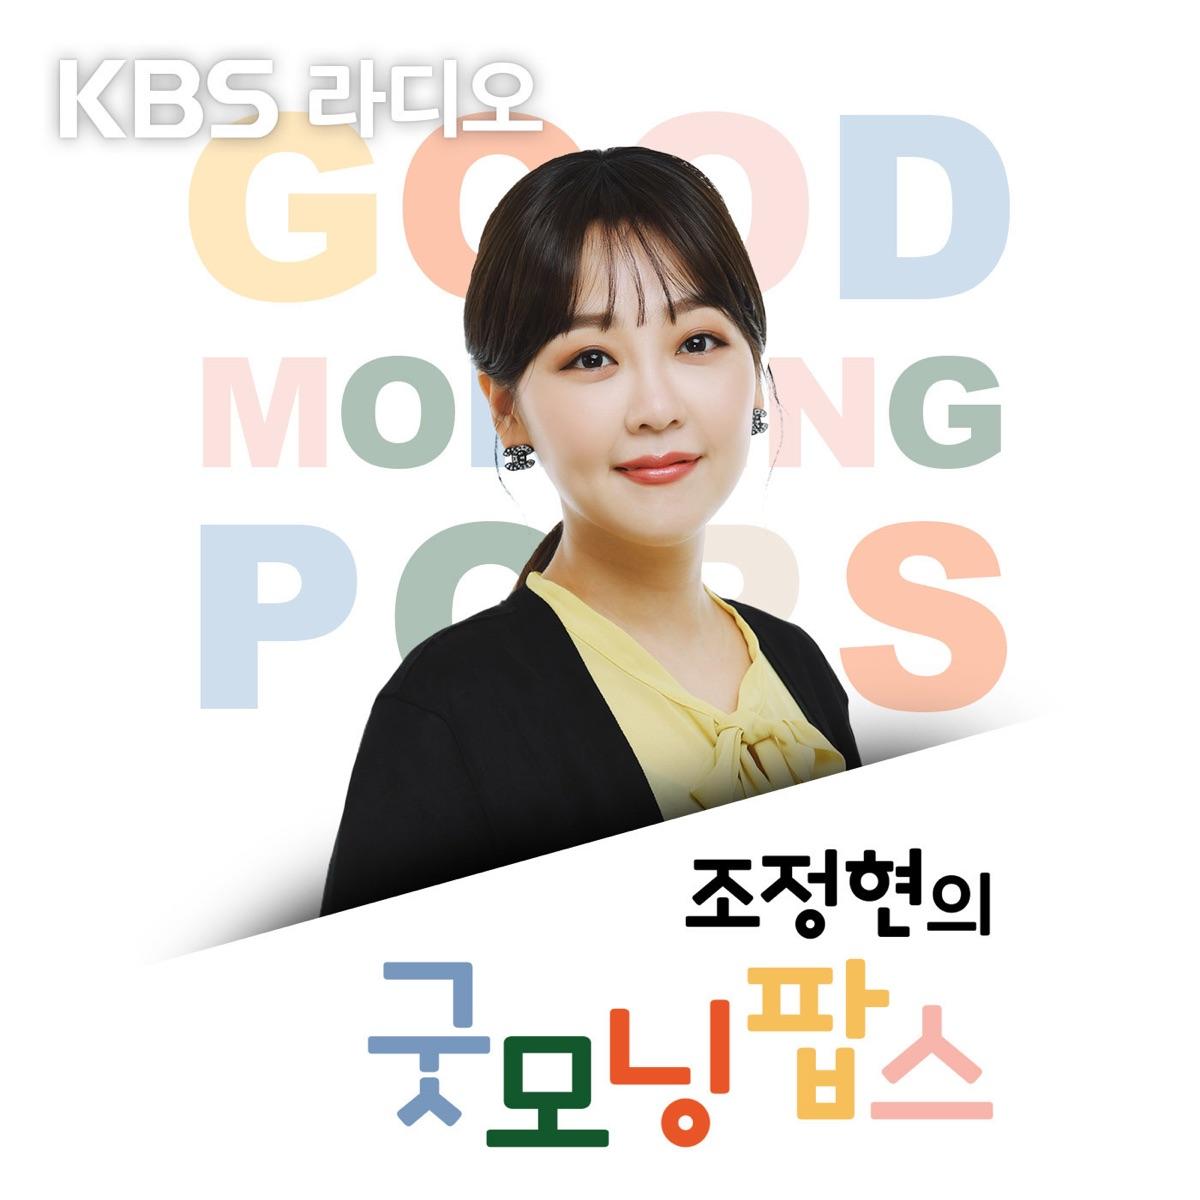 [KBS] 조정현의 굿모닝 팝스